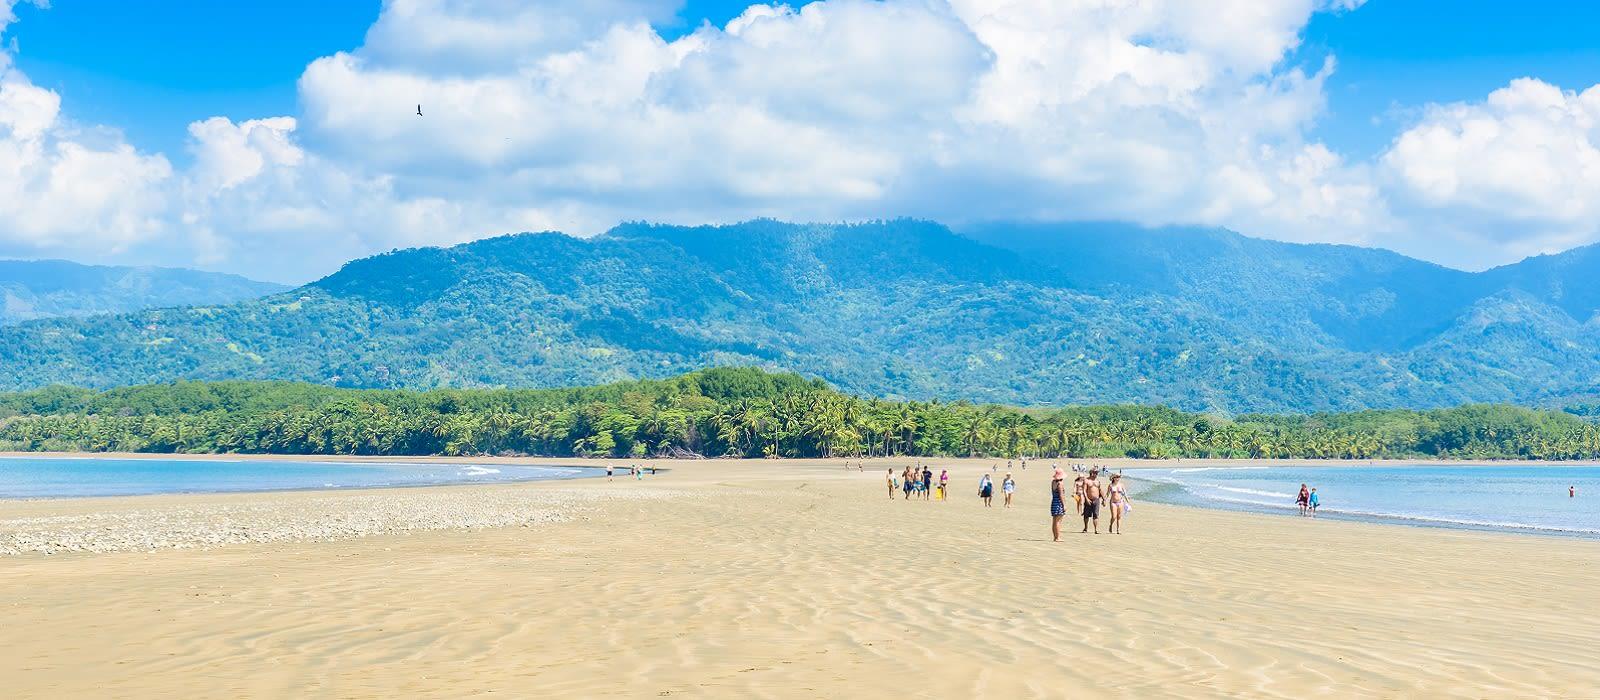 Classic Treasures of Costa Rica Tour Trip 4